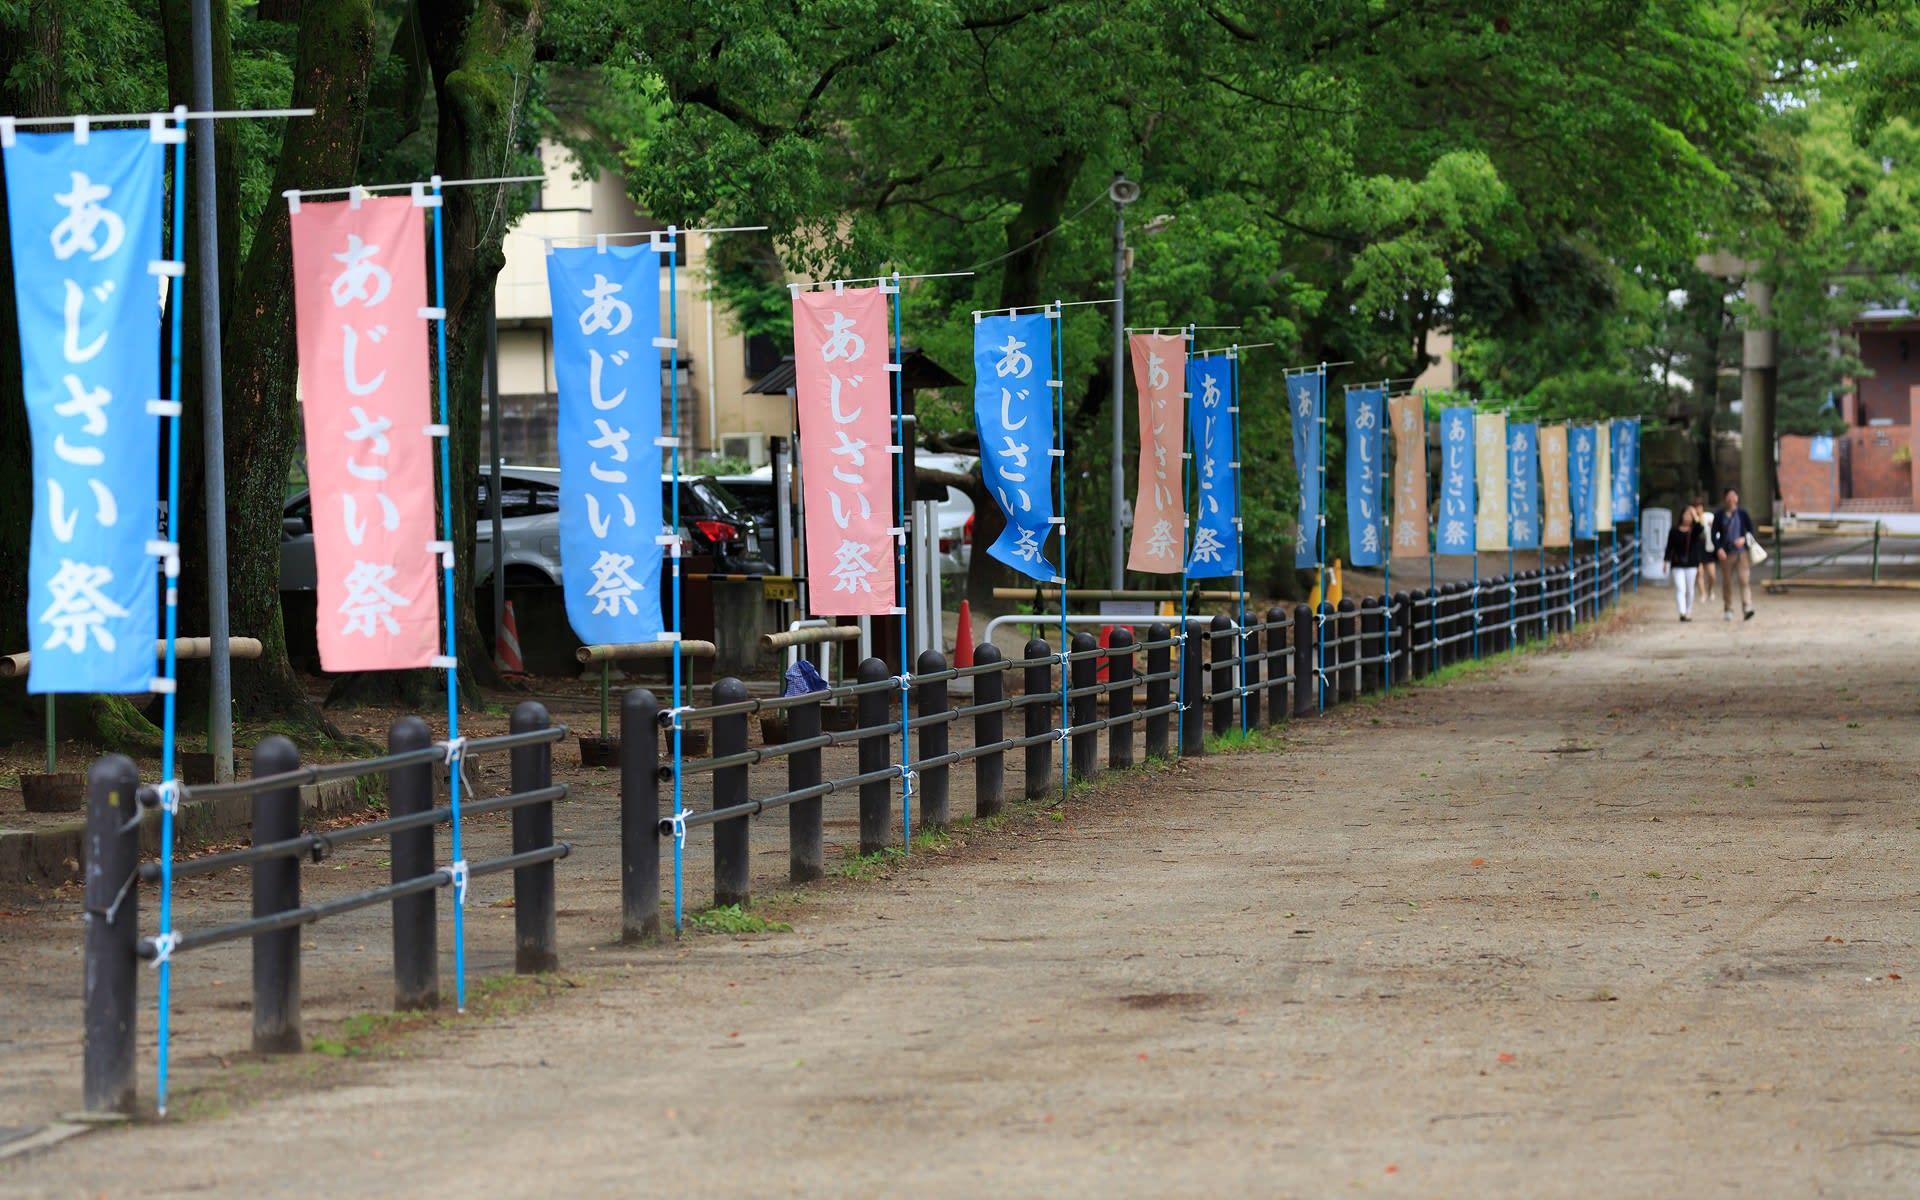 15年初夏の京都 藤森神社の壁紙その2 計31枚 壁紙 日々駄文